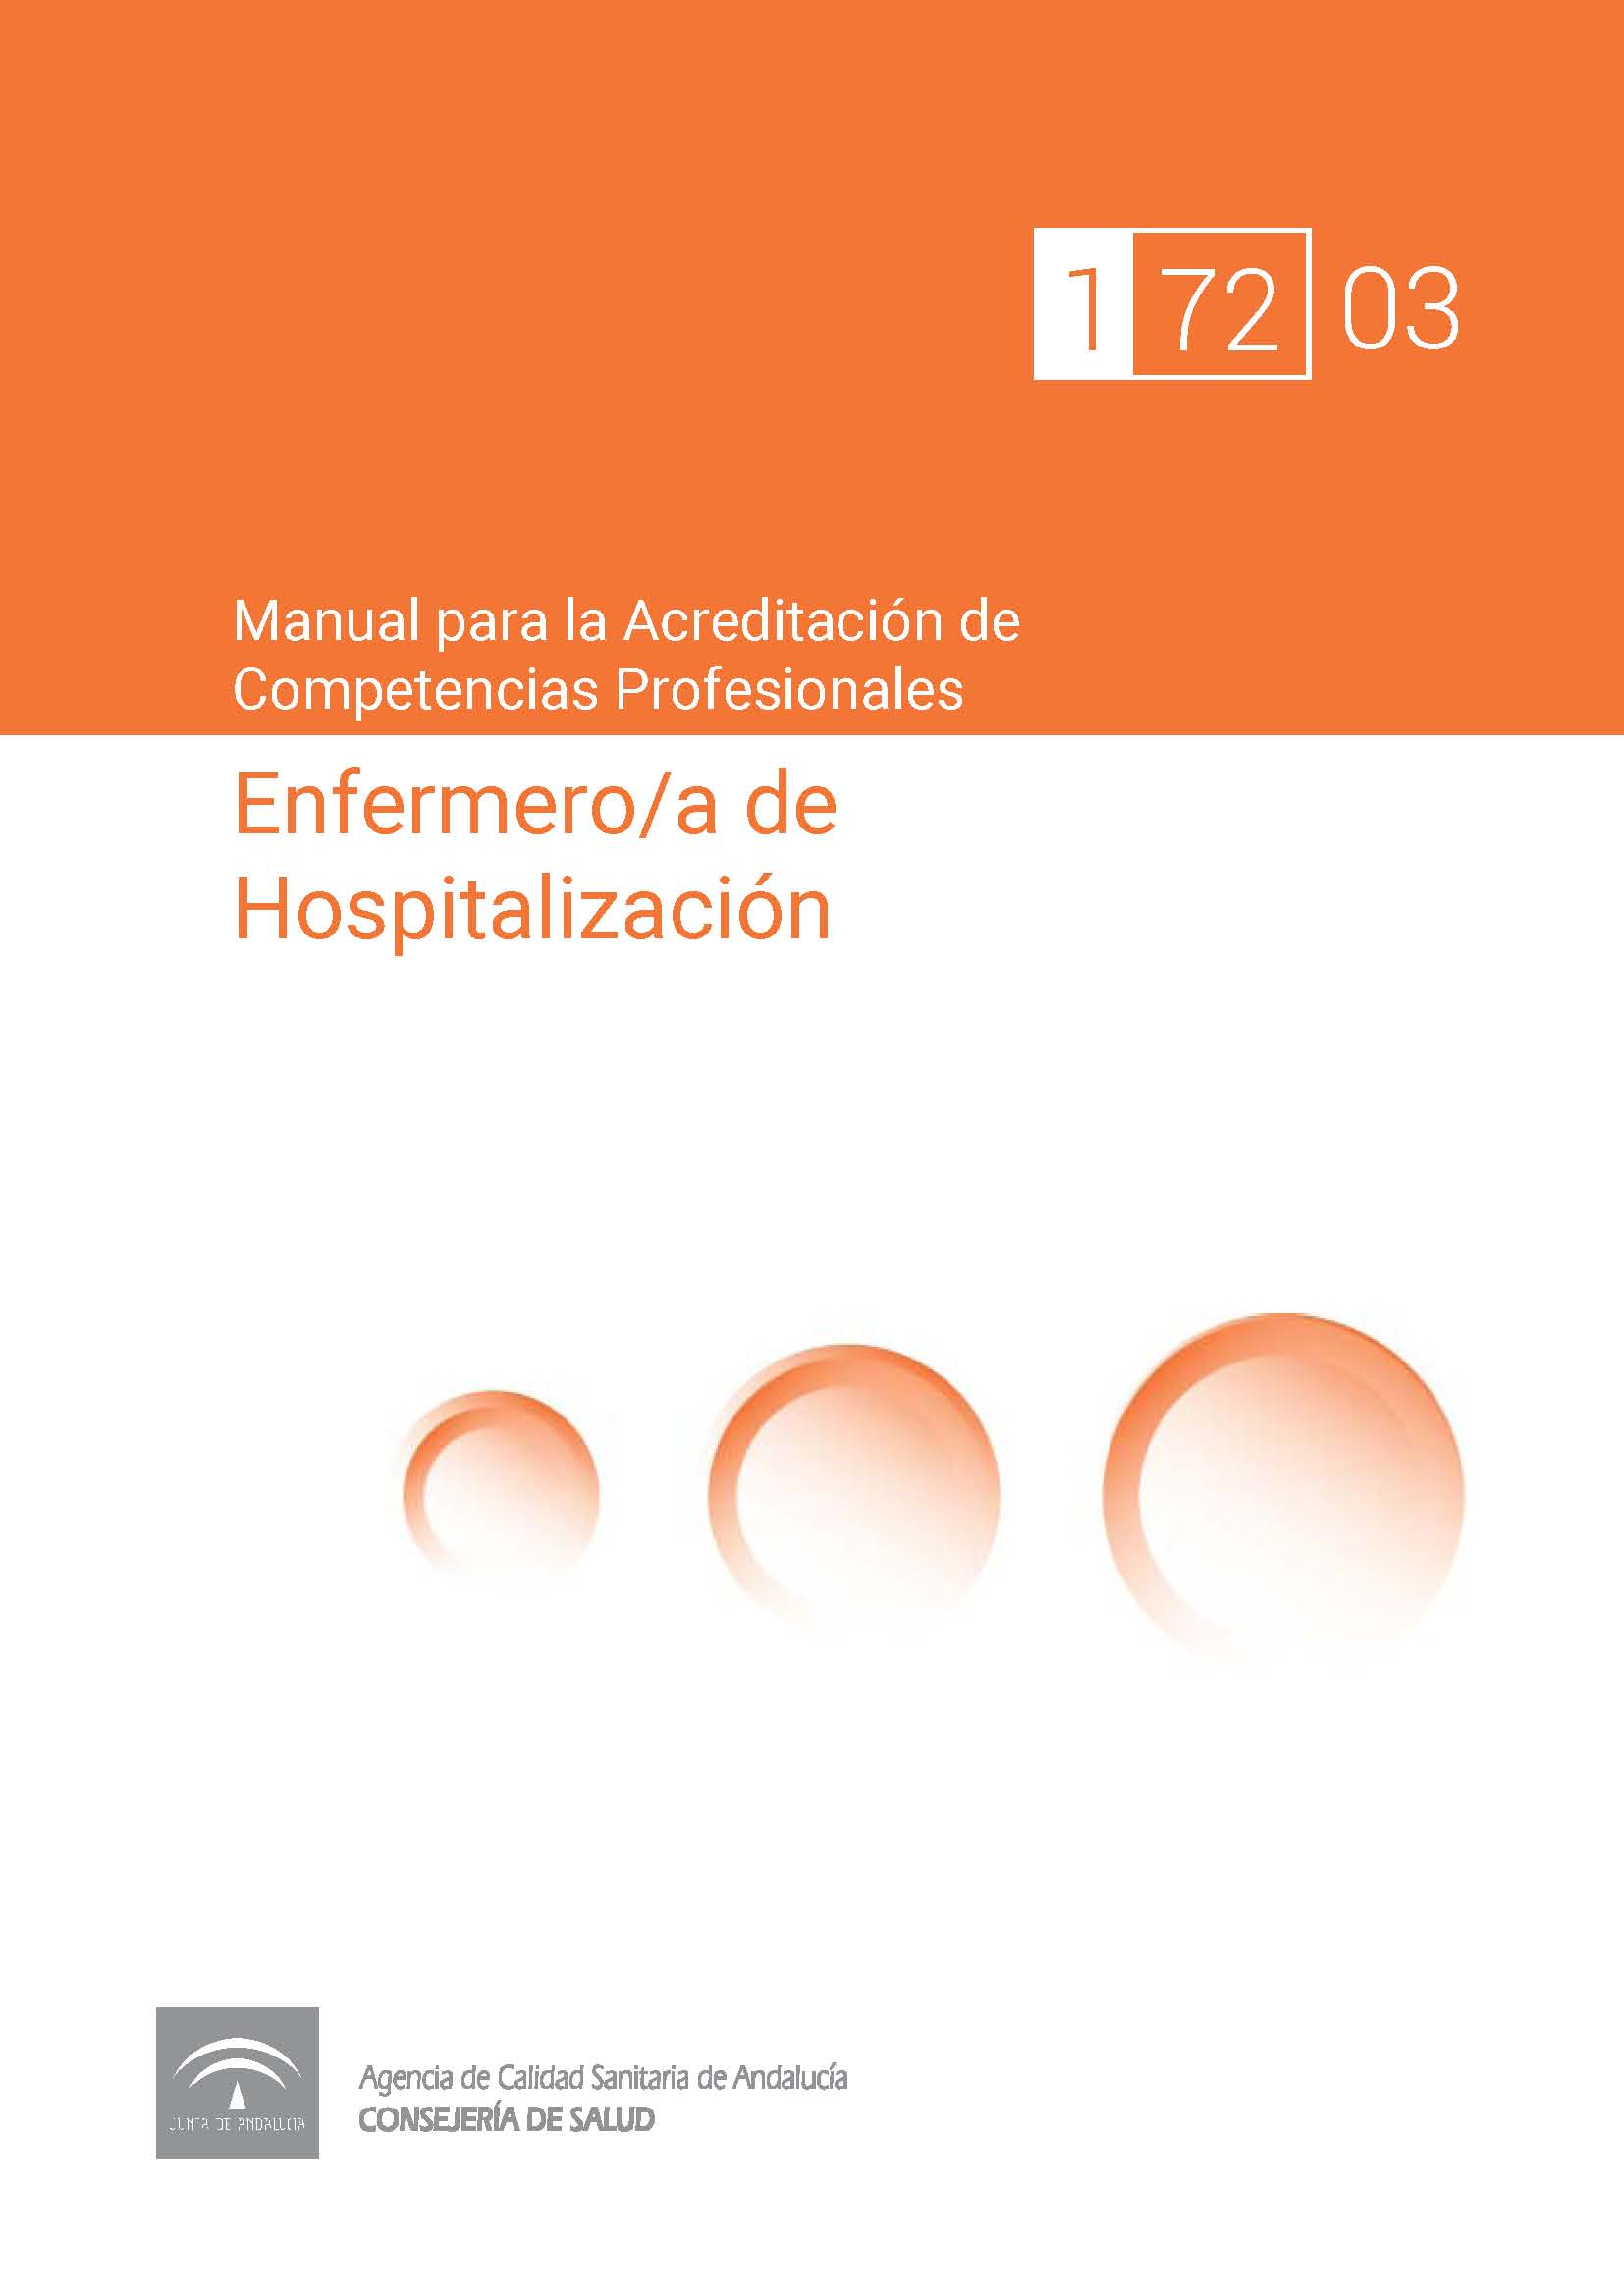 Enfermero/a de Hospitalización